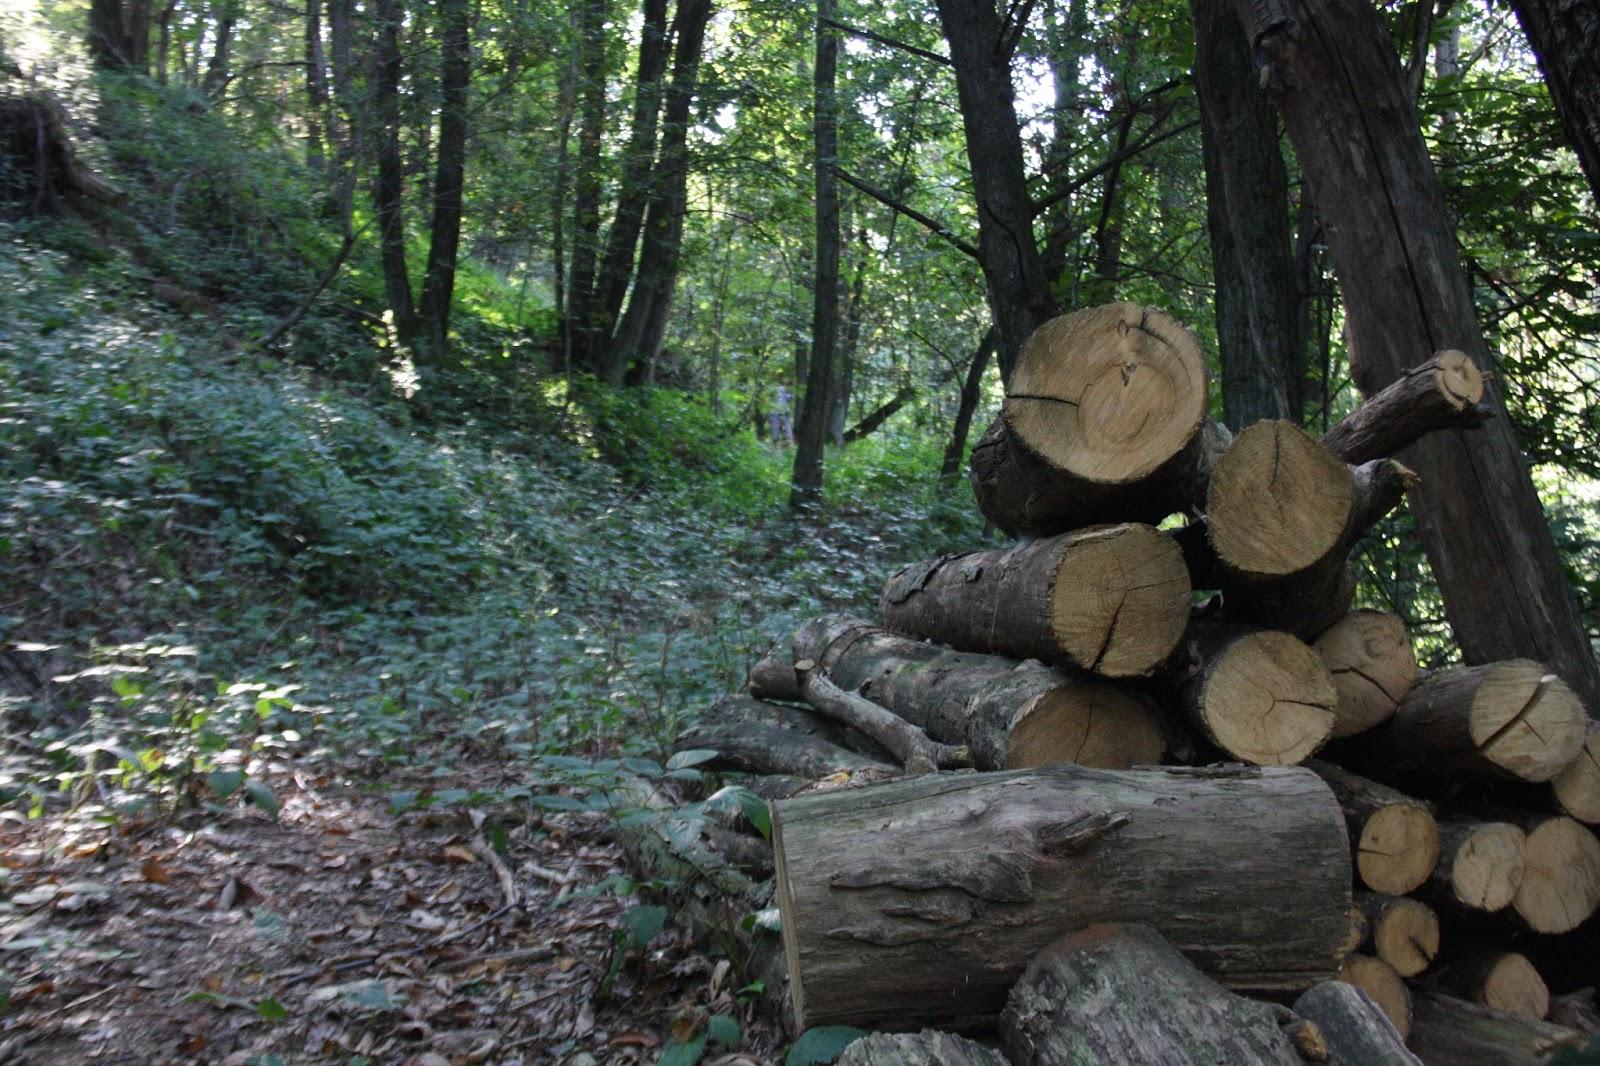 Il coltello di banjas nel bosco for Piante da sottobosco